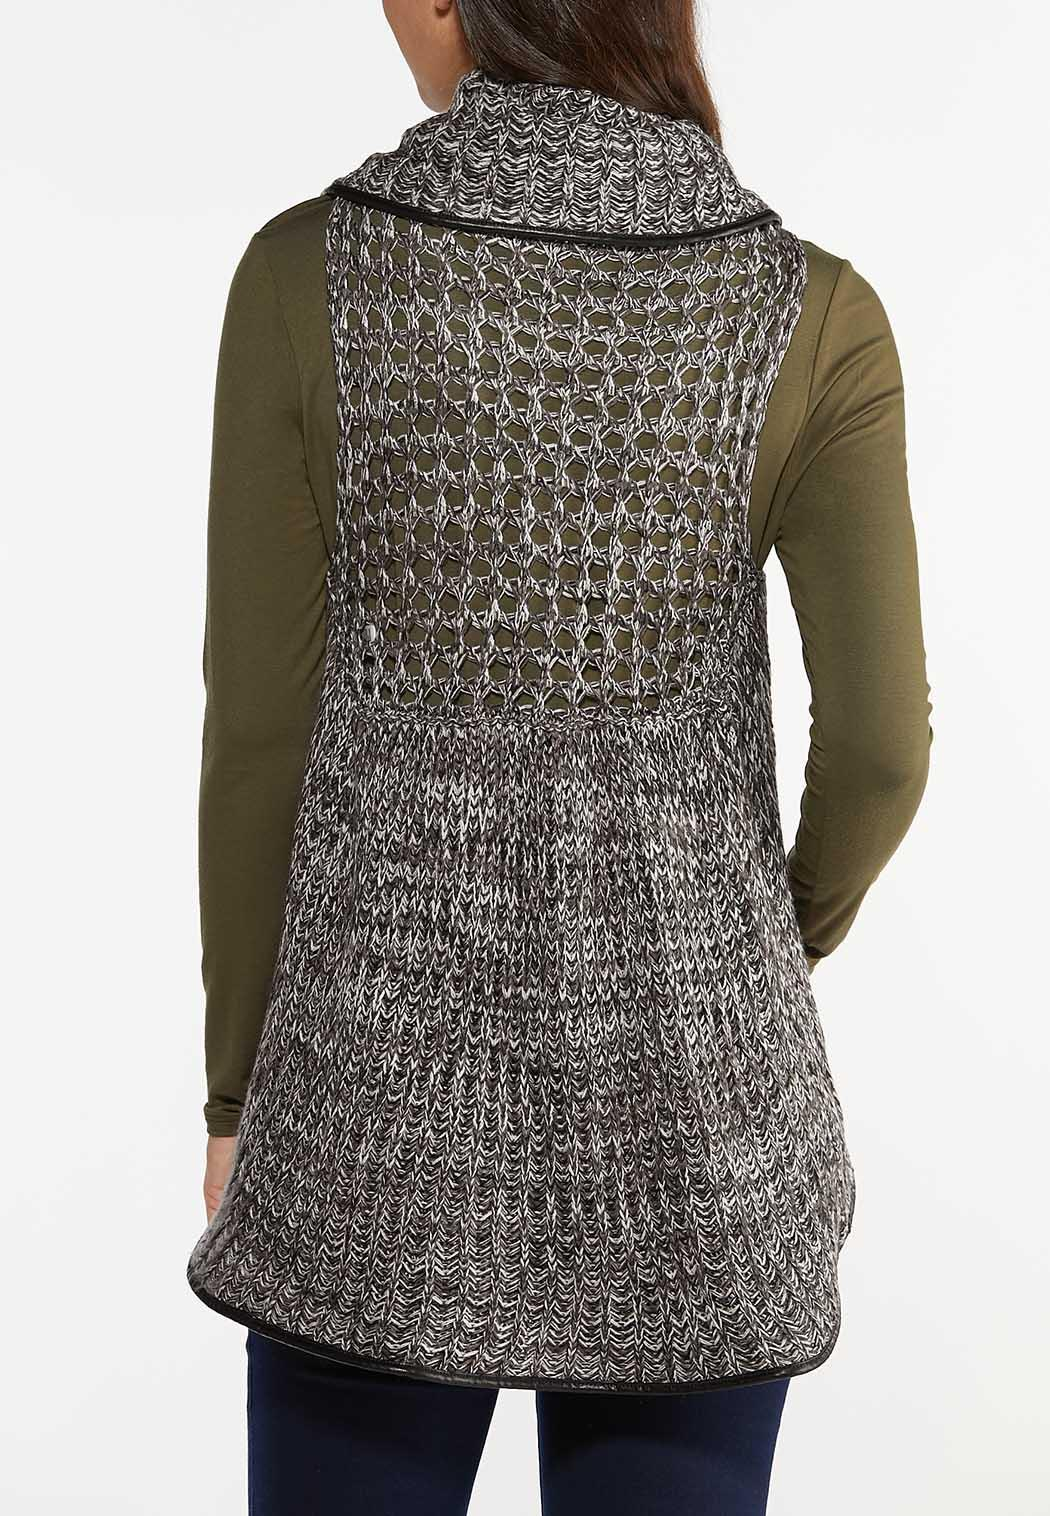 Plus Size Faux Leather Trim Sweater Vest (Item #44461089)